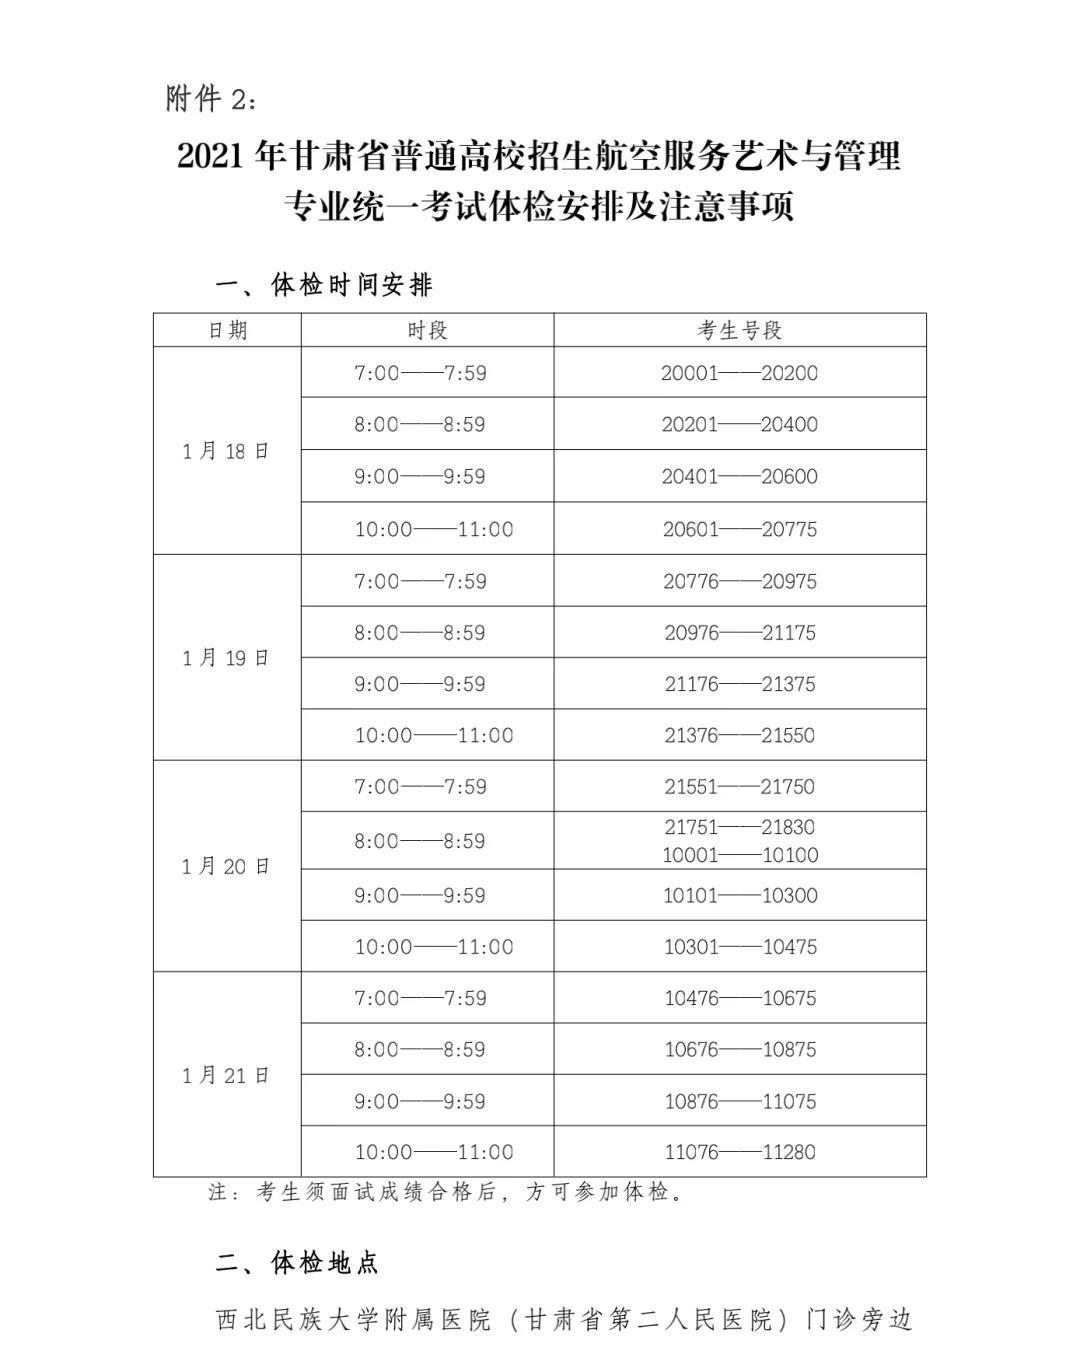 甘肃省2021年普通高校招生航空服务艺术与管理专业统一考试体检安排及注意事项